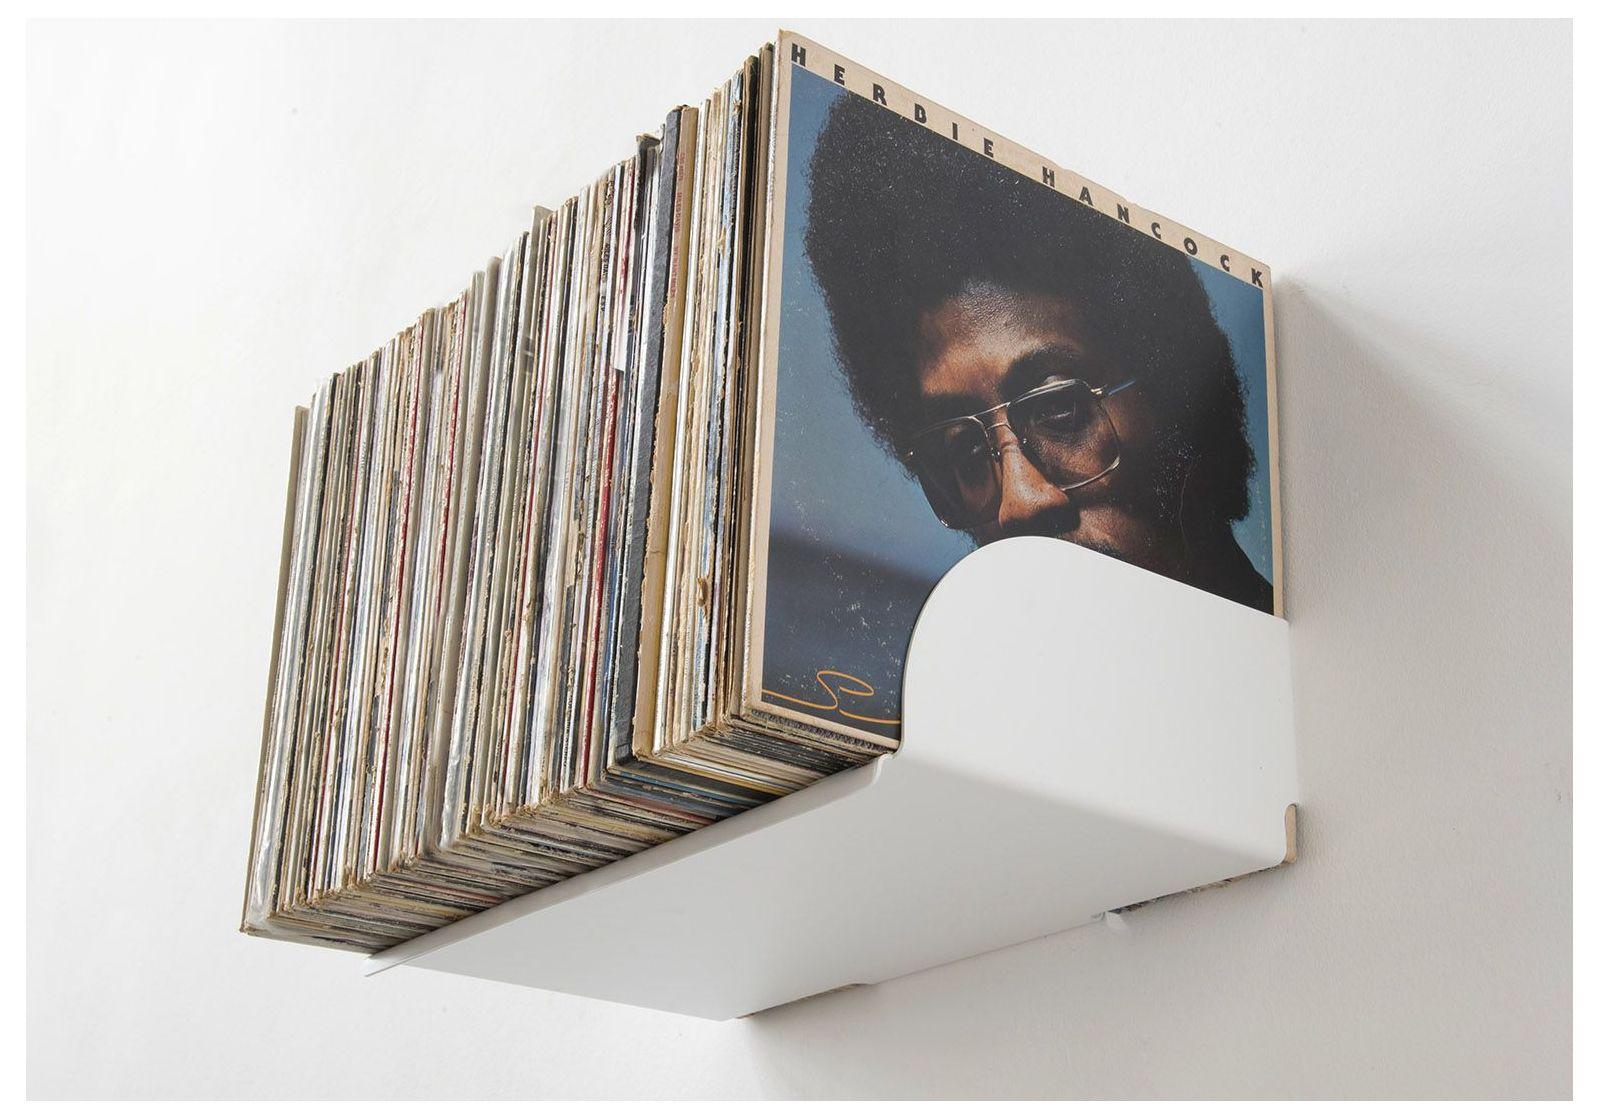 201 Tag 232 Re De Rangement Pour Vinyles Quot Ubd Quot Lot De 4 240